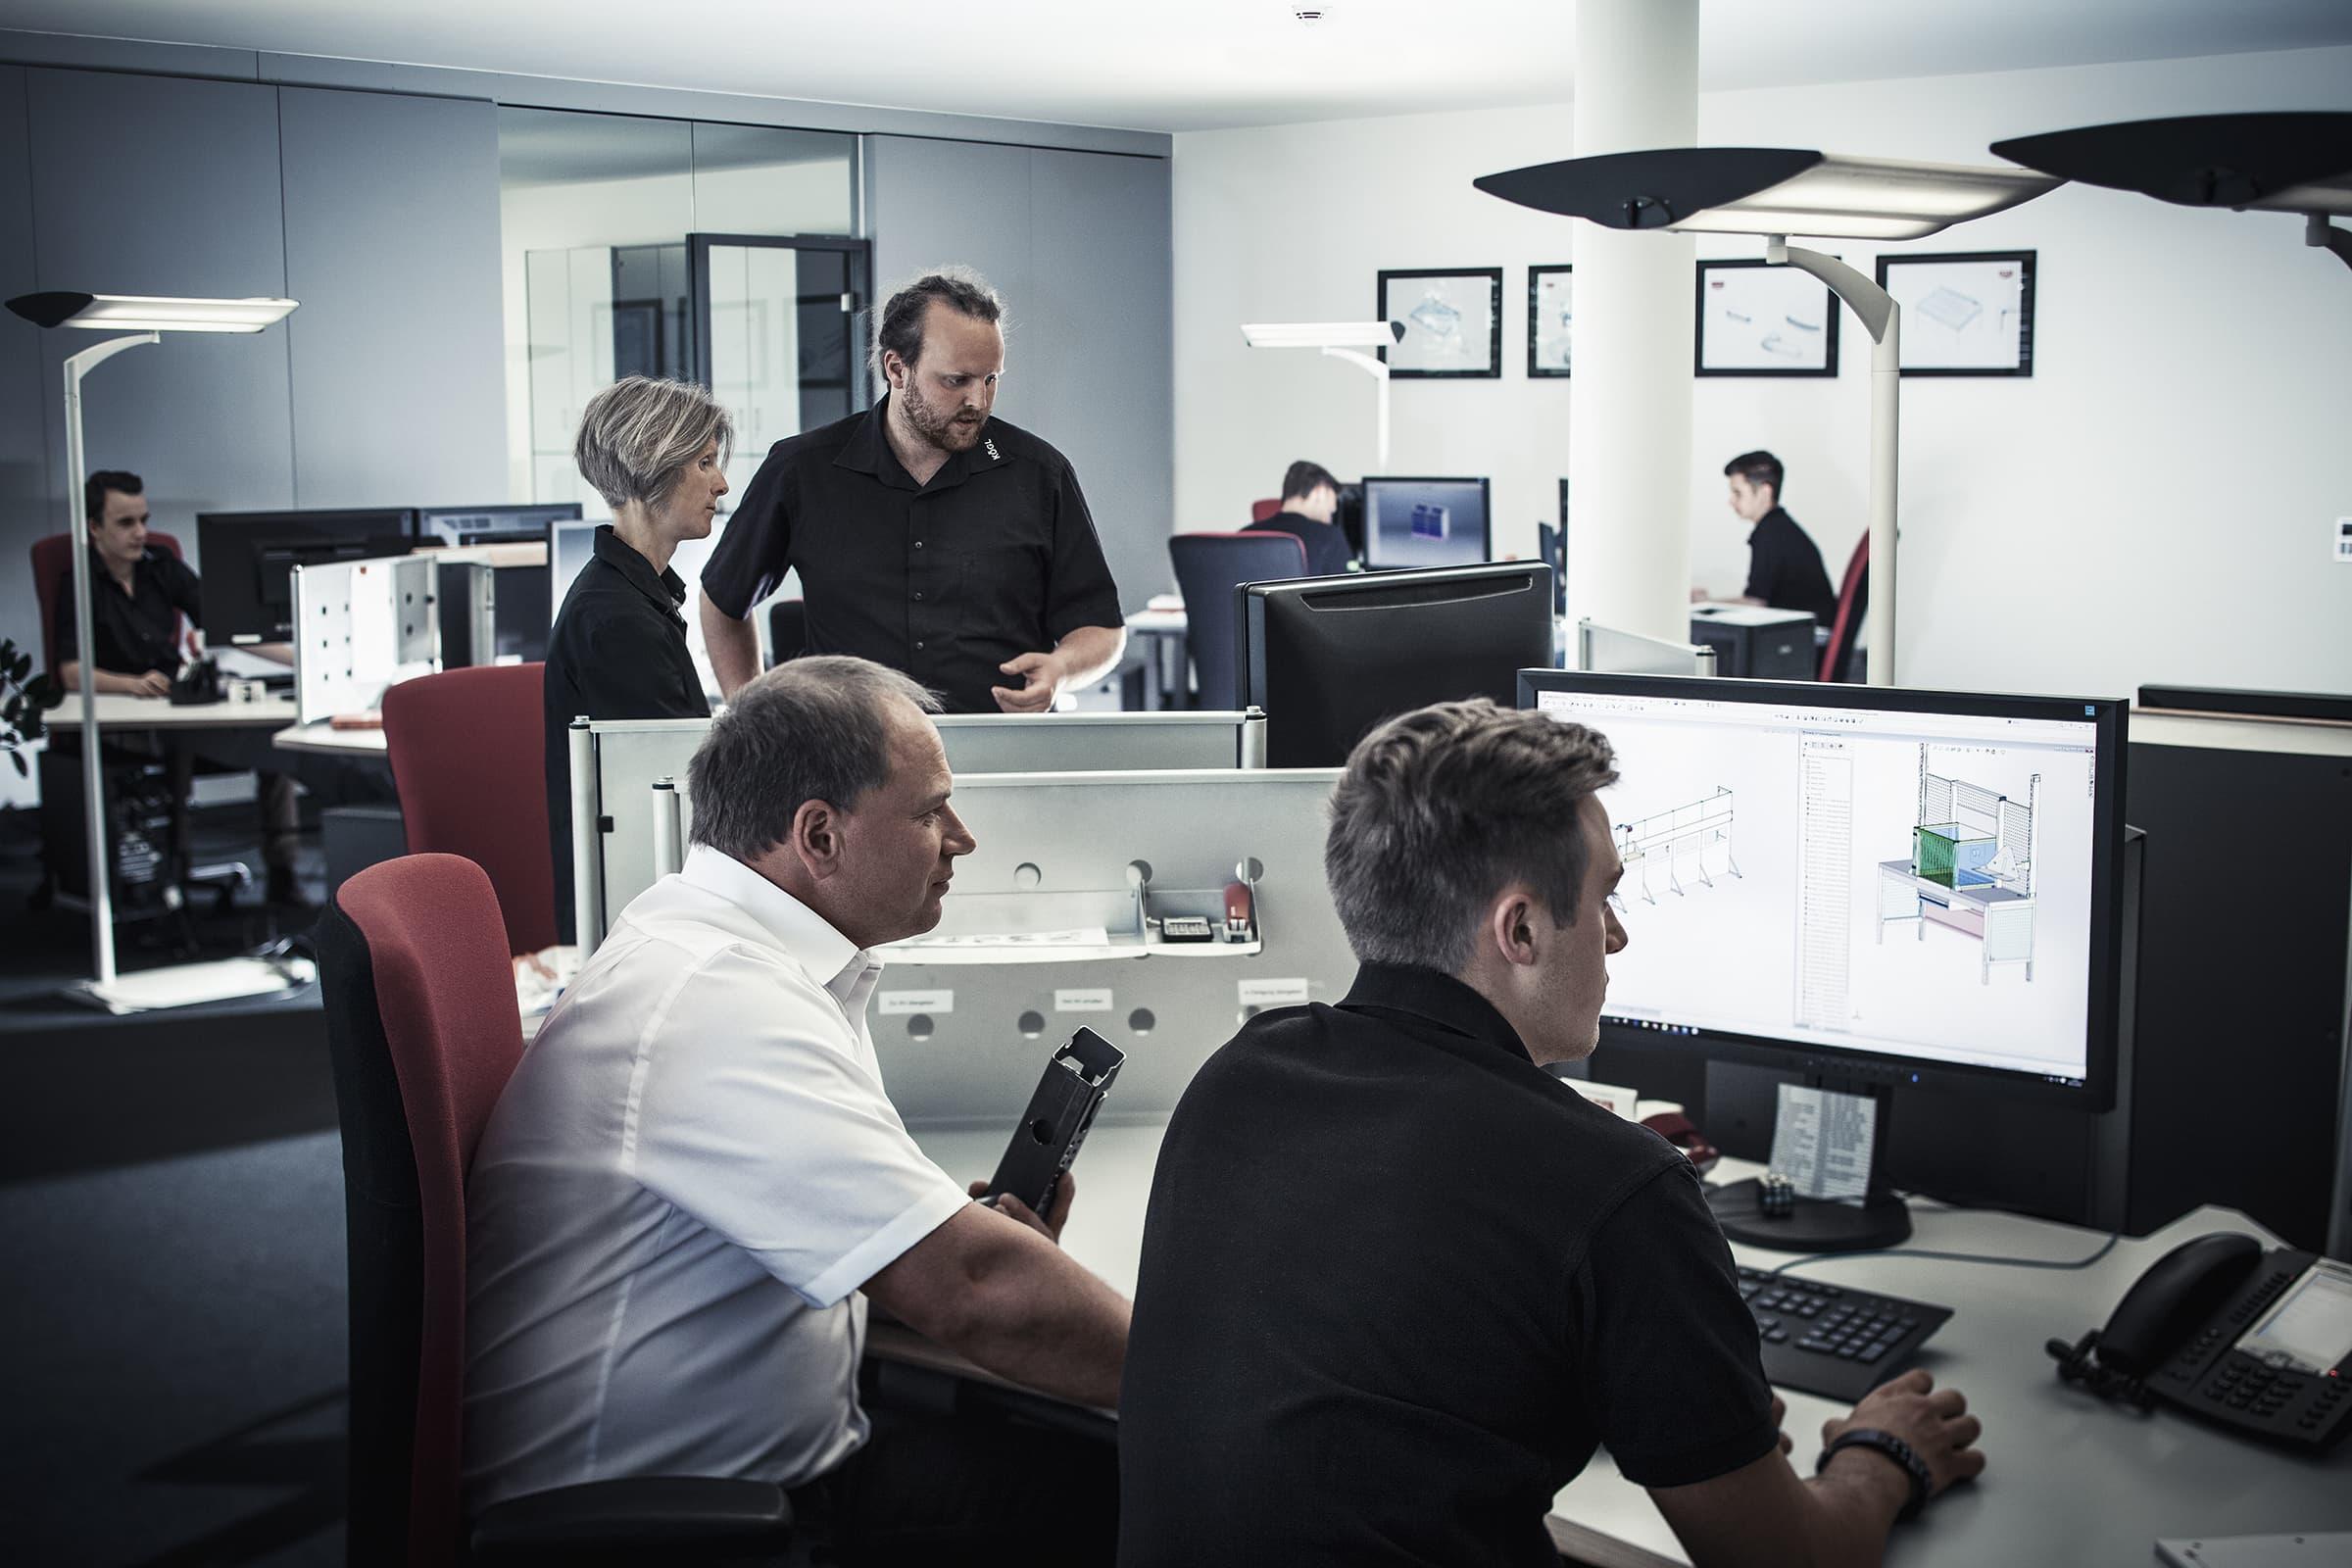 Kögl setzt bei der Automatisierung auf SOLIDWORKS und DriveWorks